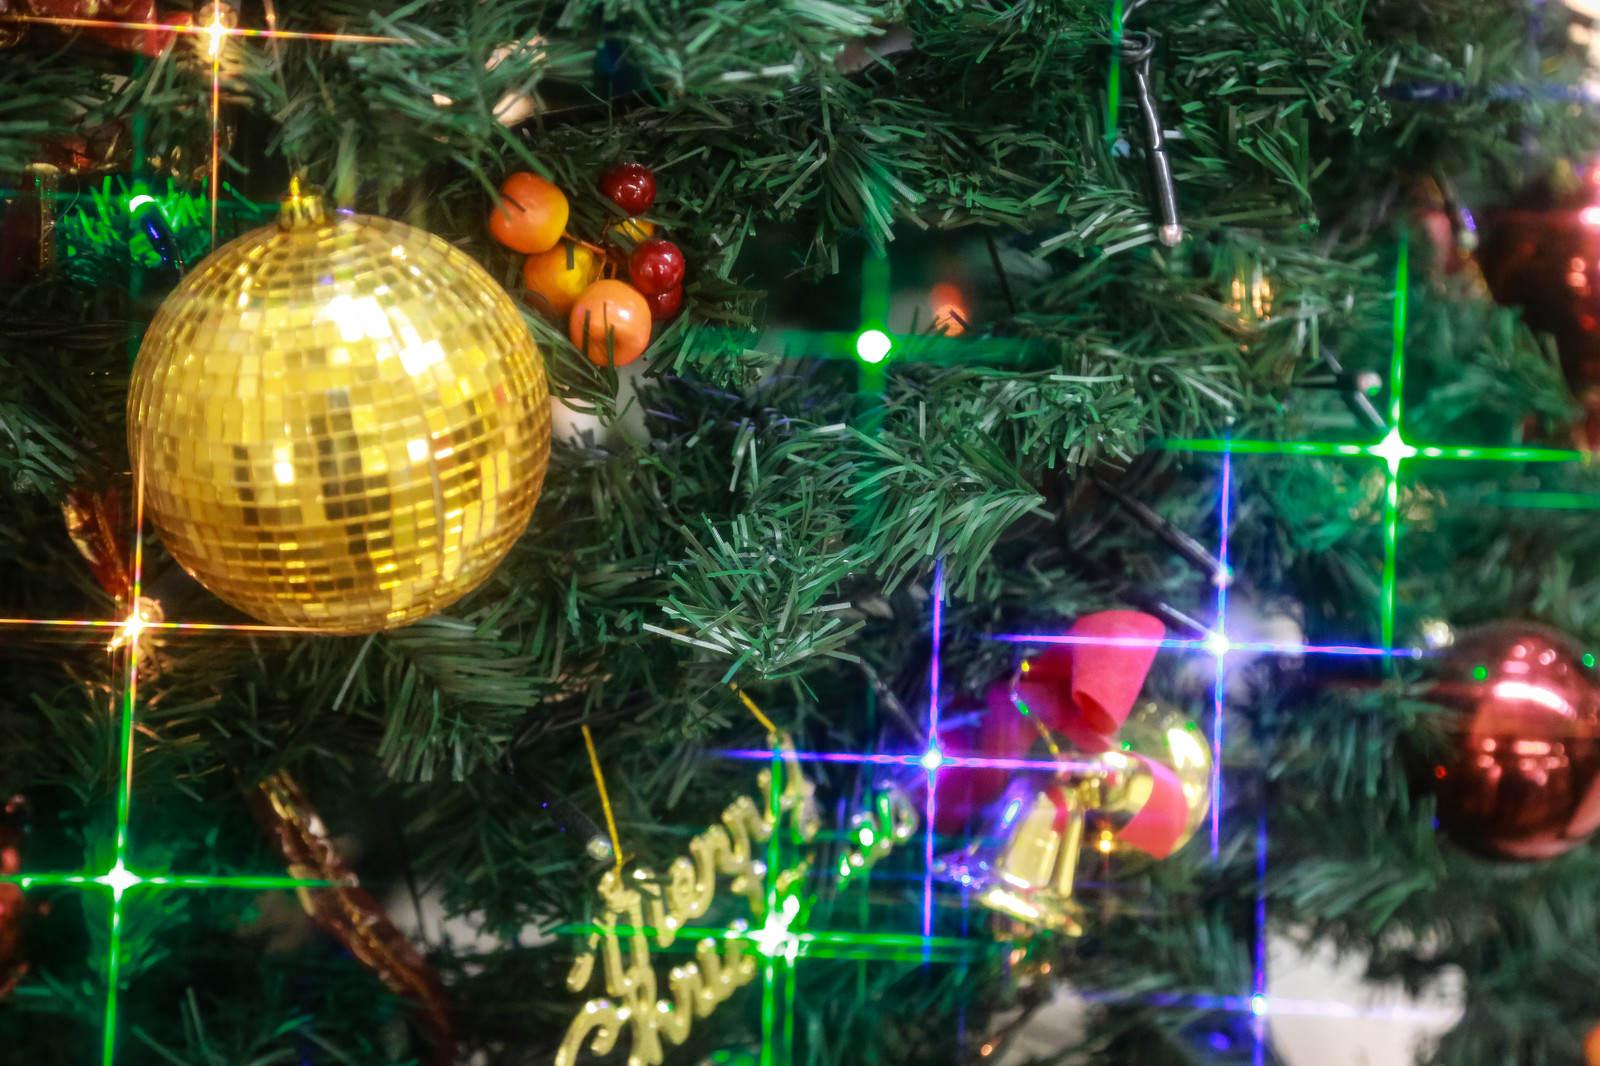 「クリスマスの飾りとライトアップ」